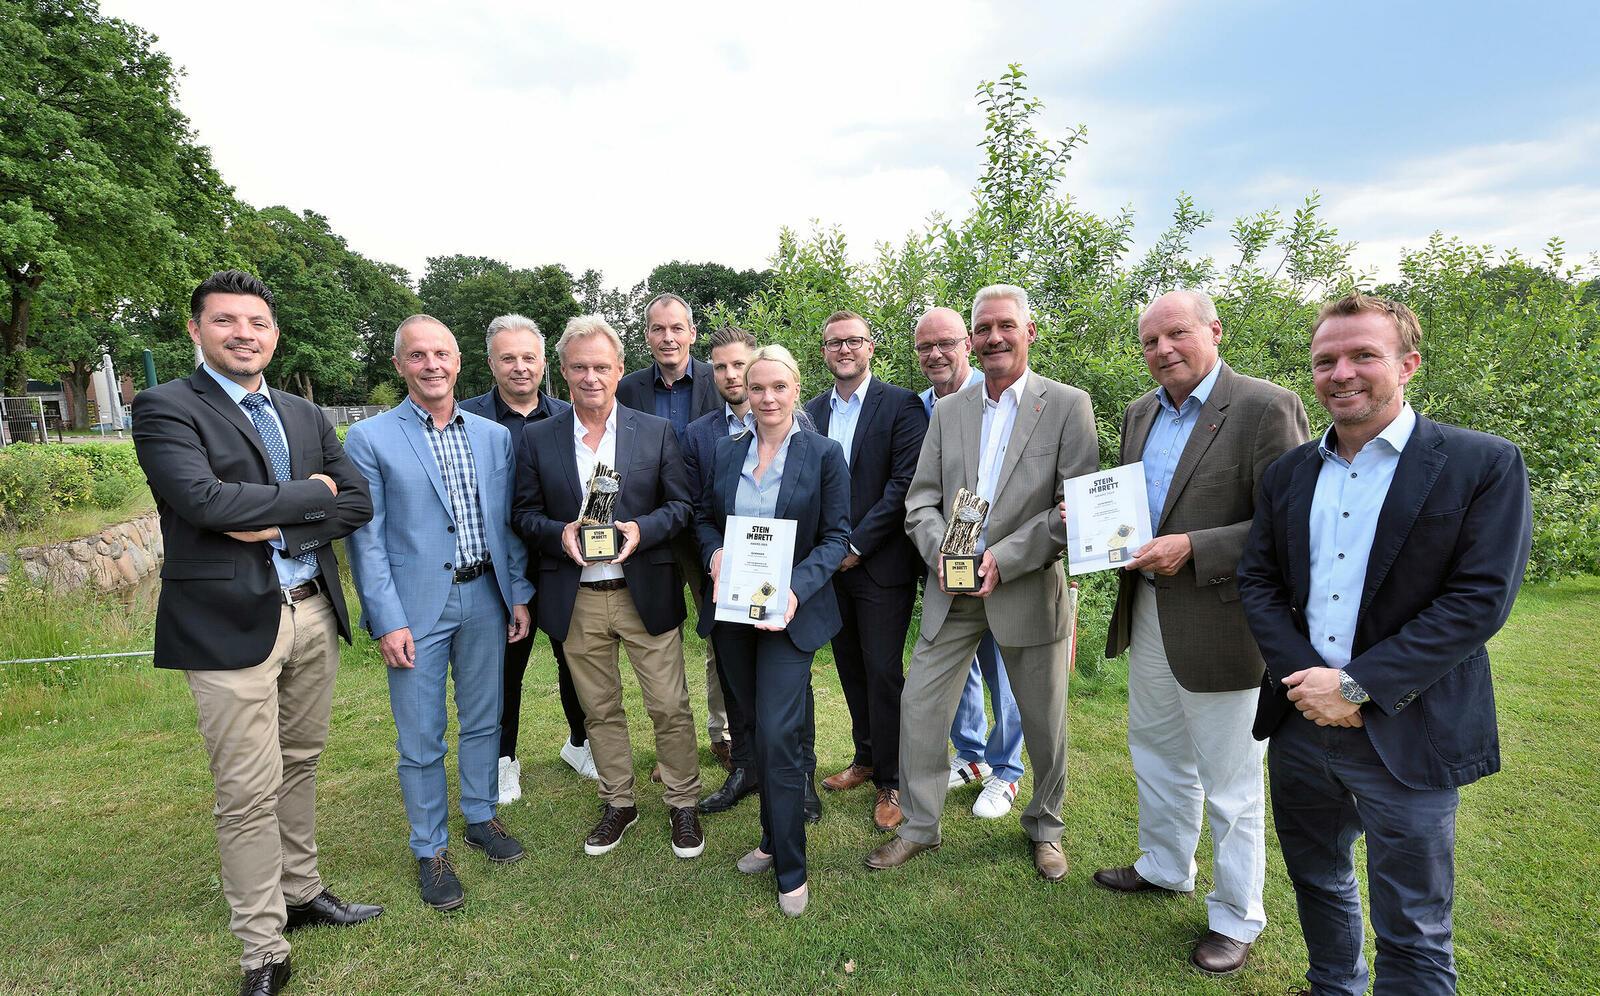 Stolz präsentiert die Aco-Mannschaft die Awards.